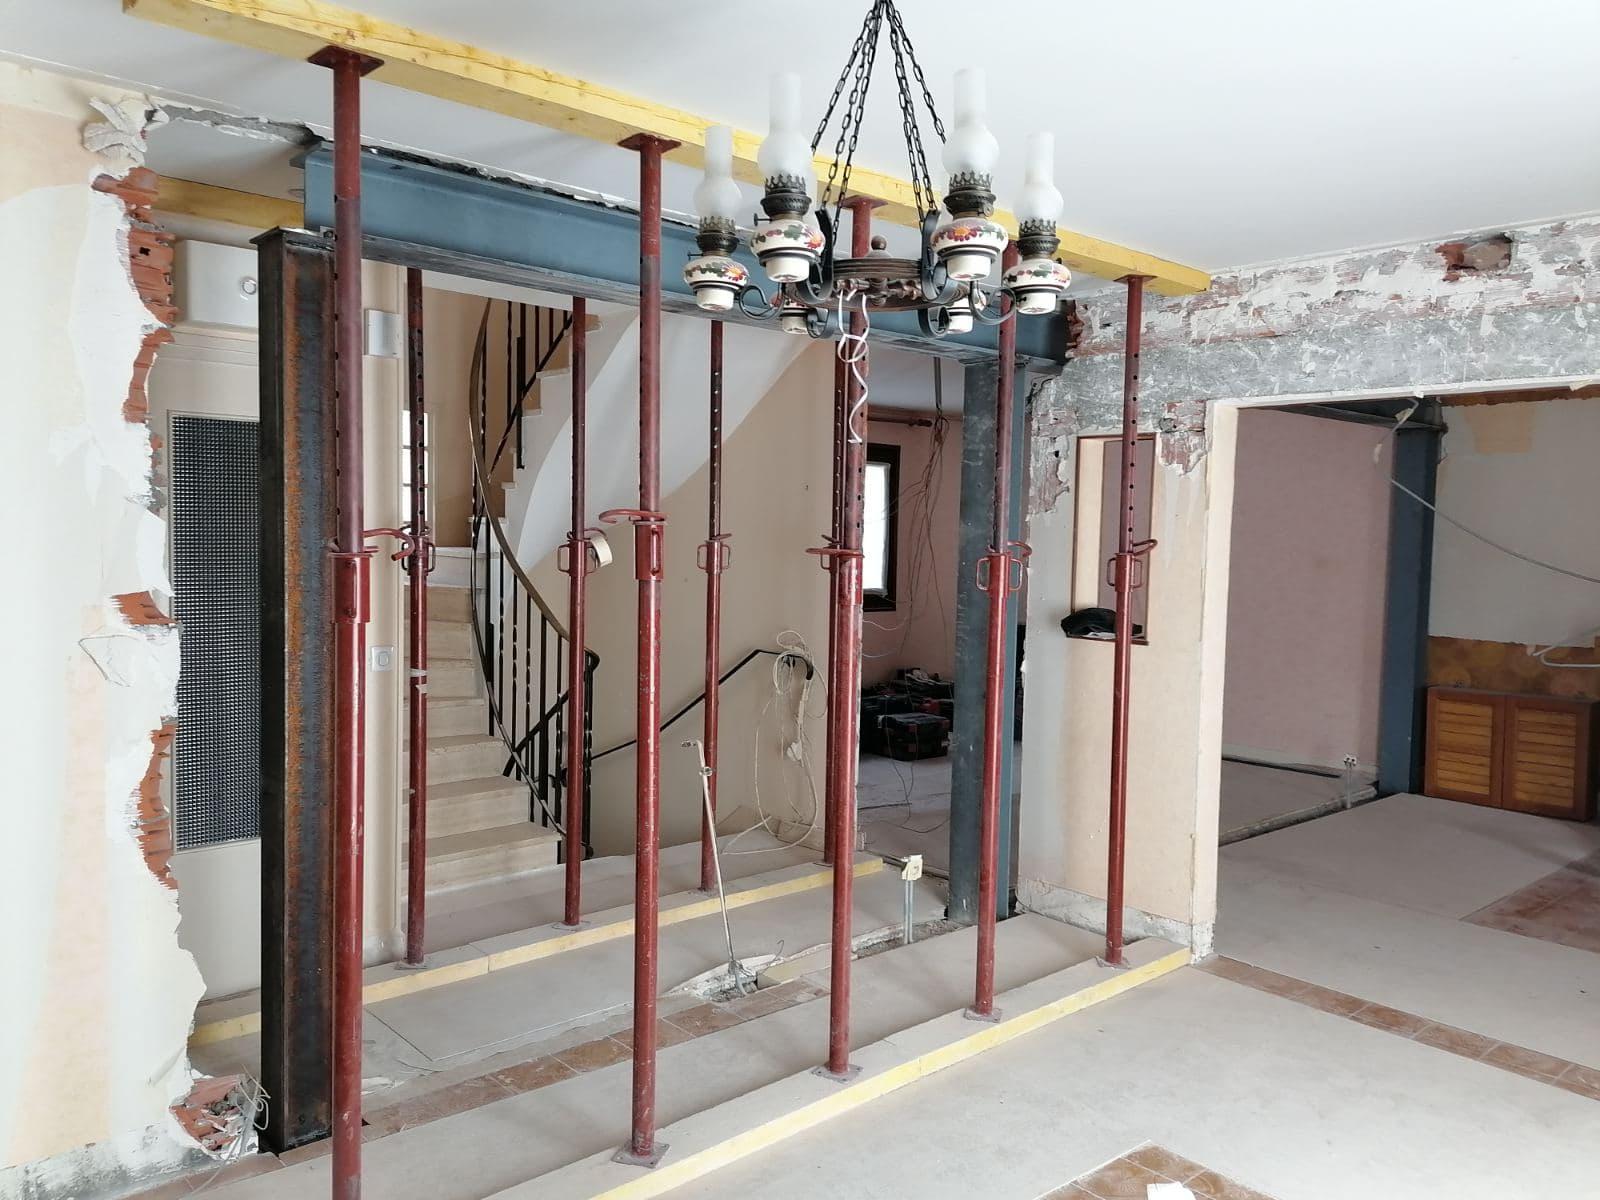 Ouverture de mur de refend au R+1. Renforcement par structure métallique à La Seyne-sur-Mer. - Murs porteurs